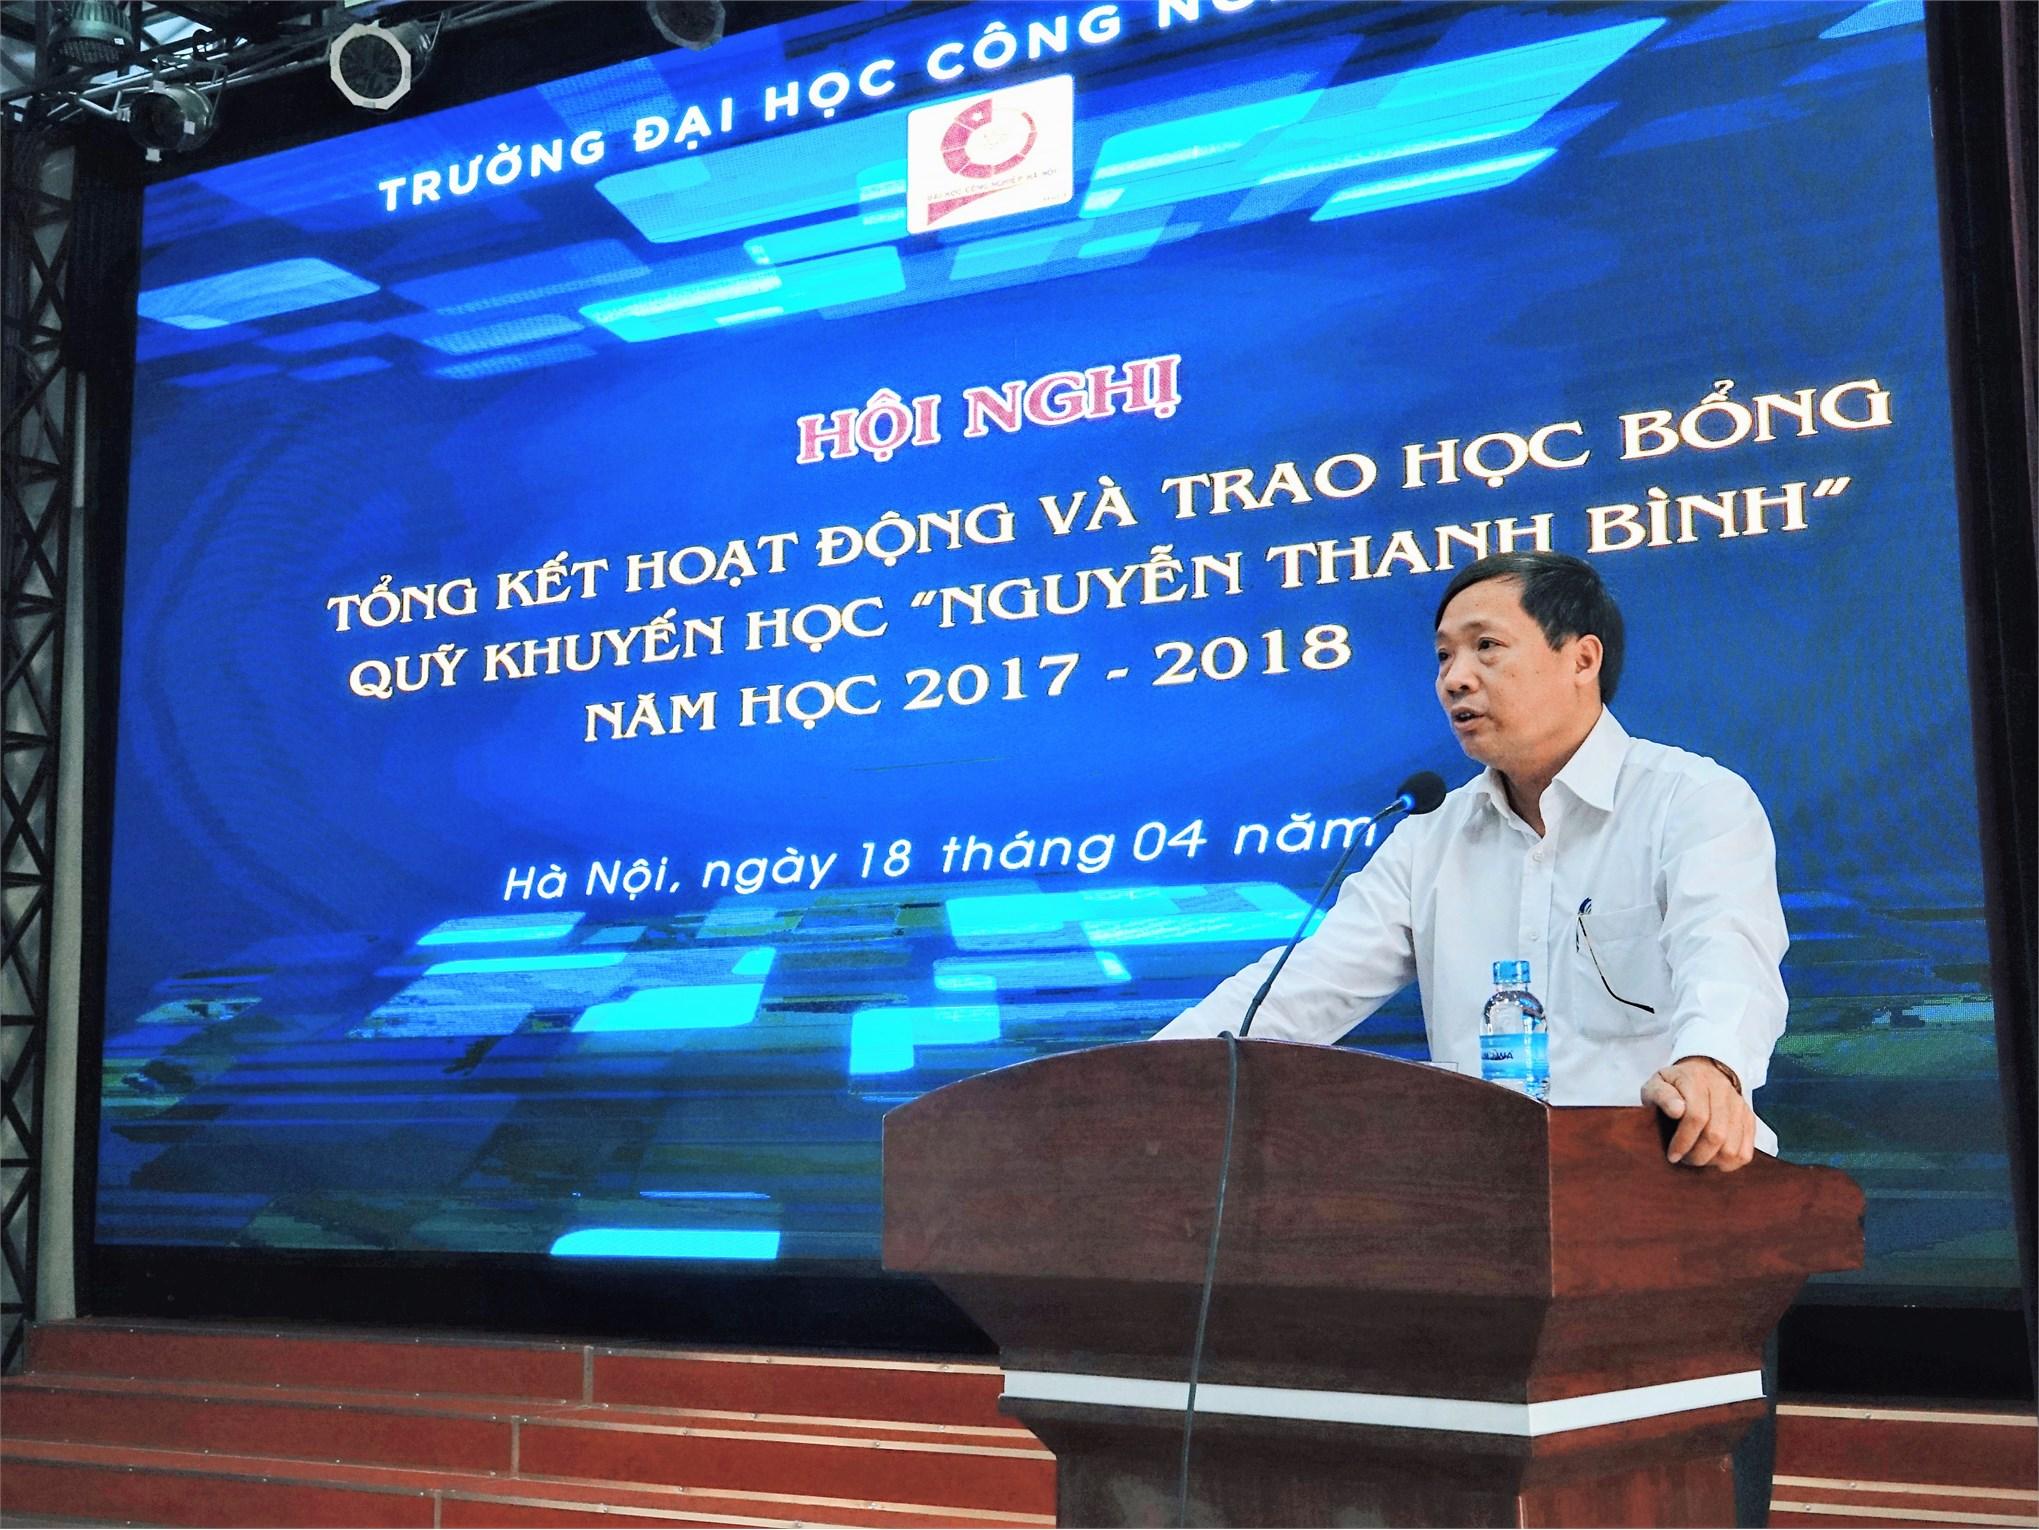 PGS.TS. Phạm Văn Bổng - Phó Bí thư Đảng ủy, Phó Hiệu trưởng nhà trường phát biểu tại buổi lễ